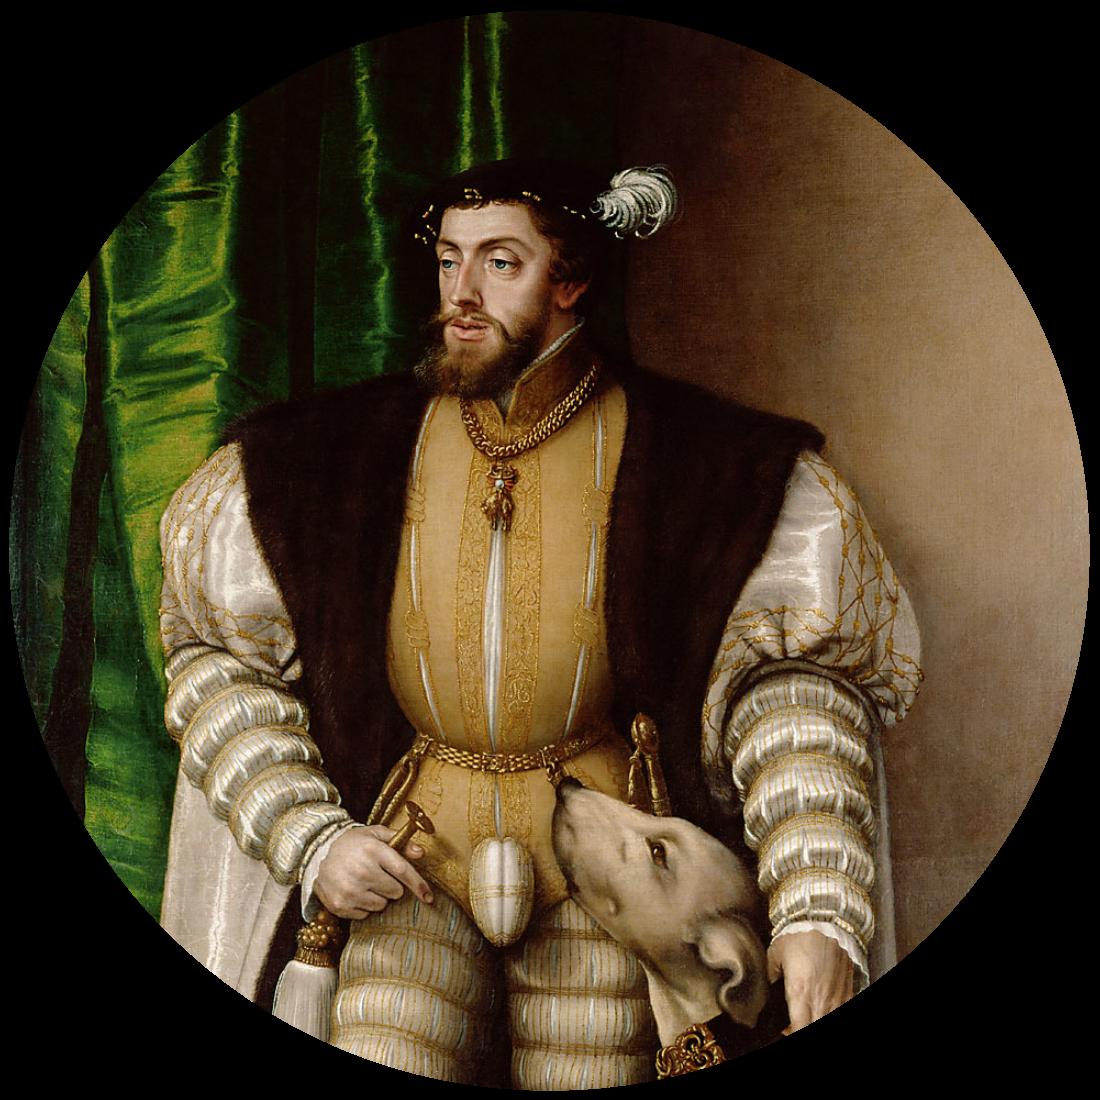 Portret van Keizer Karel V met hond door Jakob Seisenegger (1532), Kunsthistorischer Museum, Wenen